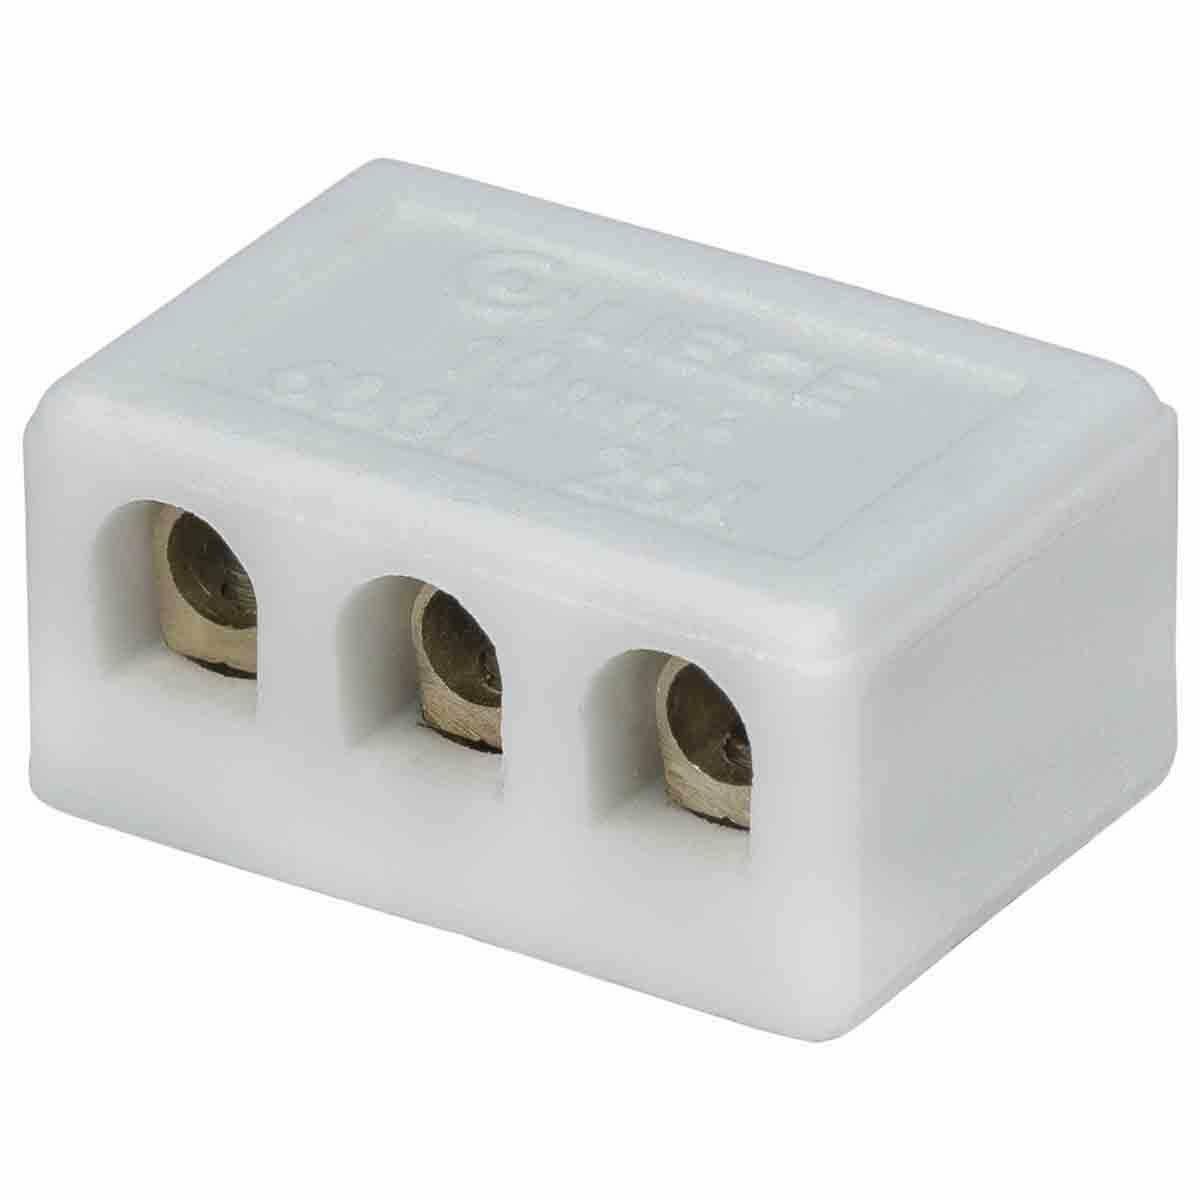 Conector Porcelana Médio 3P 10Mm Liege 2 Peças